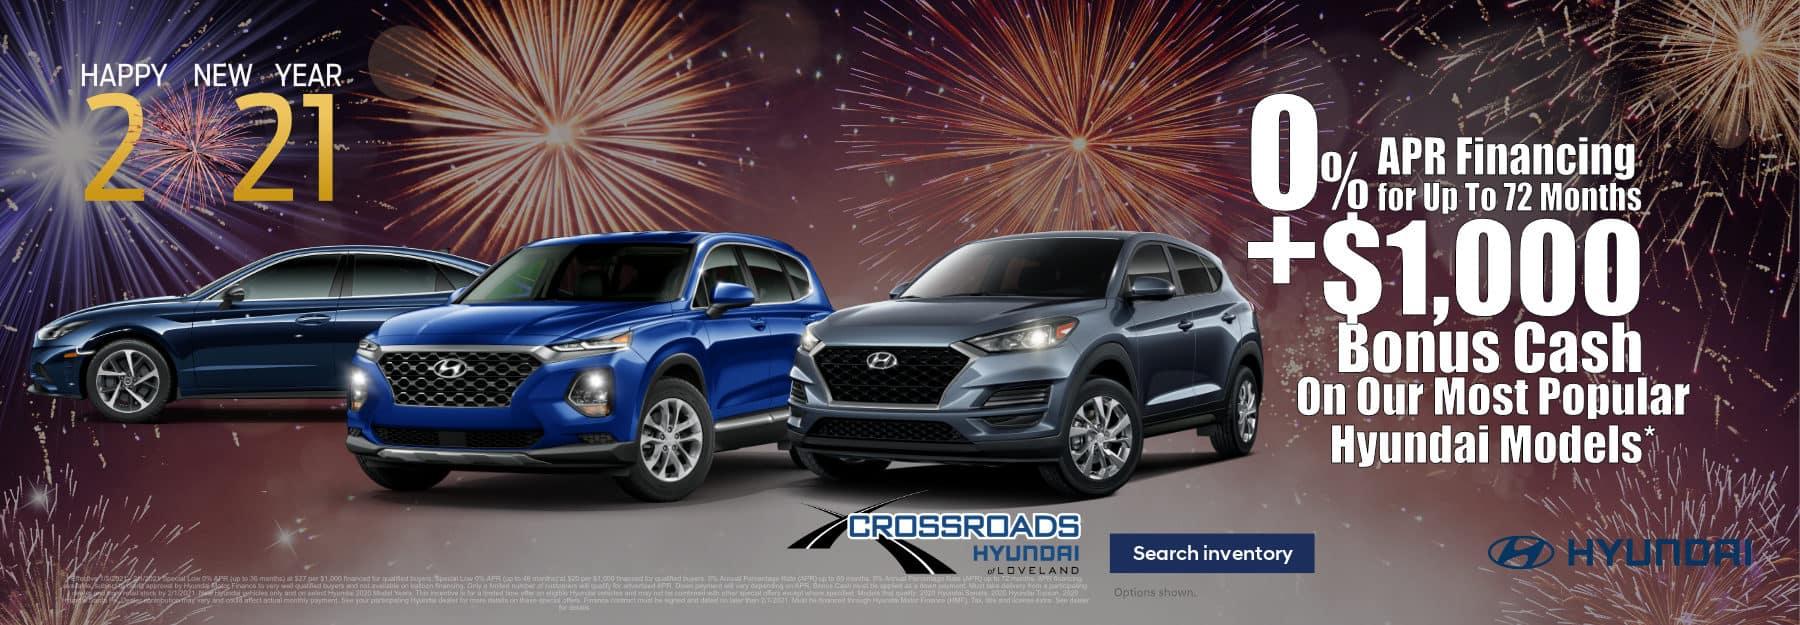 January_2021_General_CROSSROADS_Hyundai